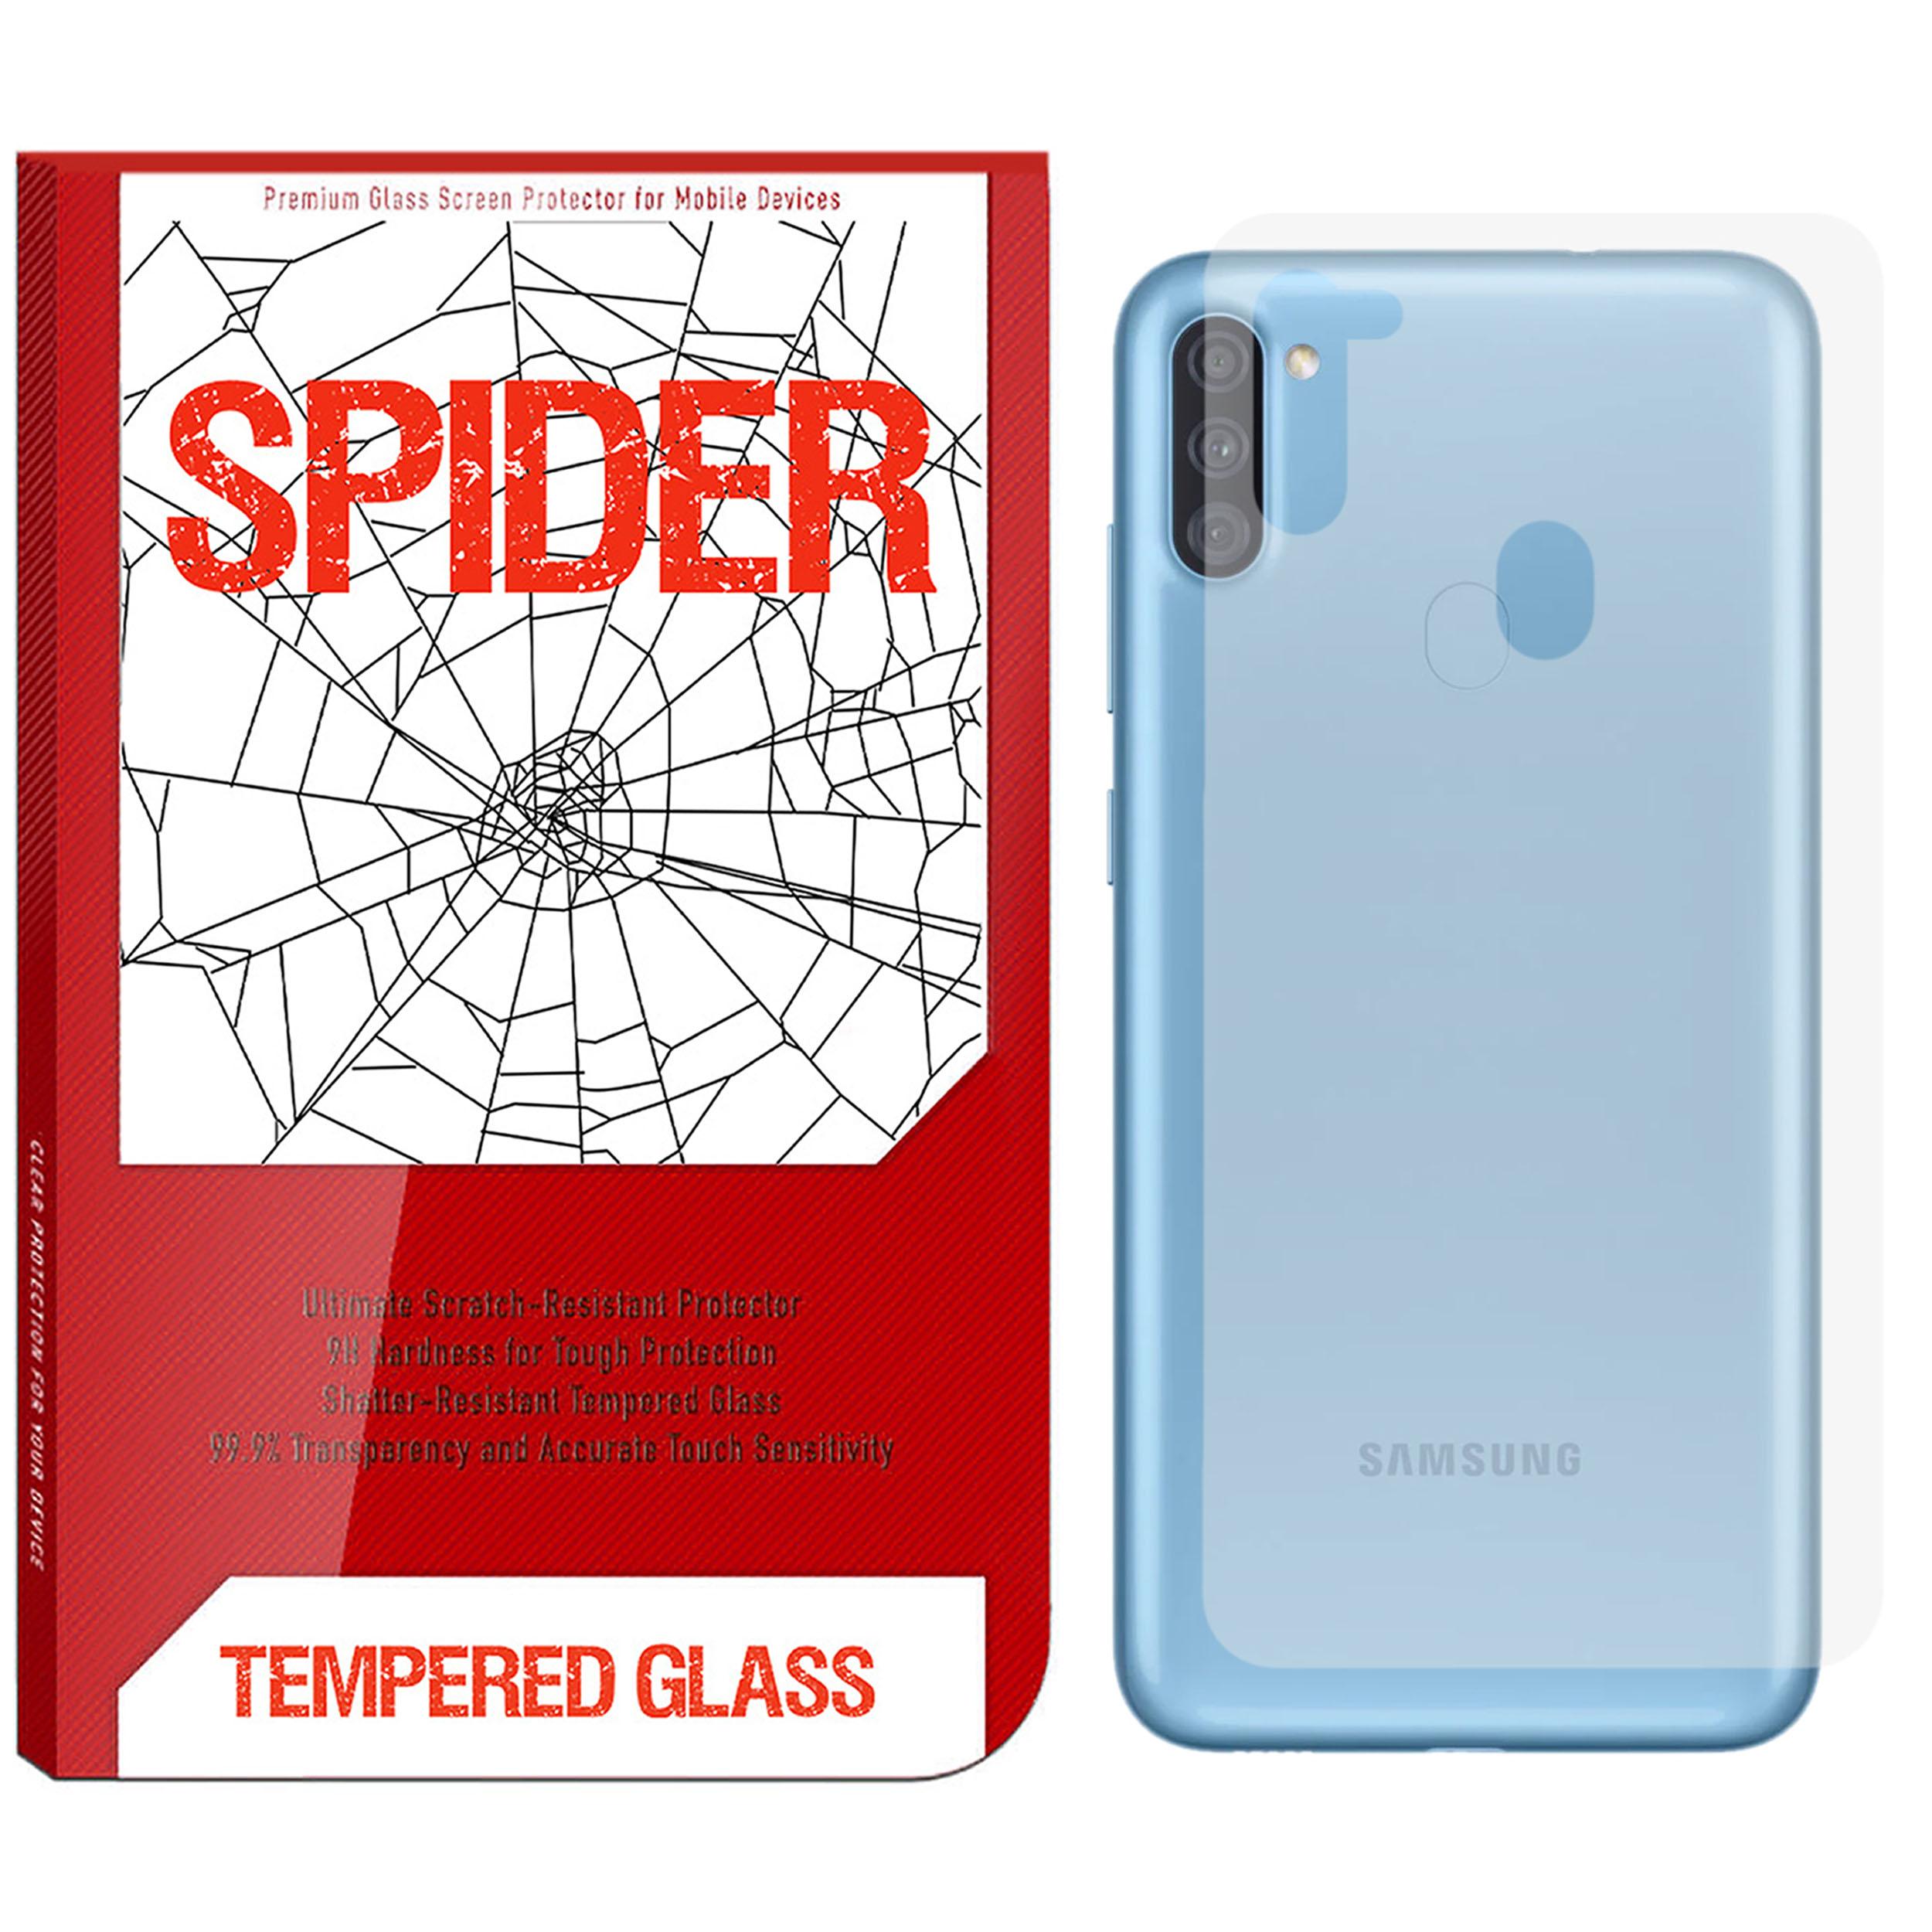 محافظ پشت گوشی اسپایدر مدل TPS-01 مناسب برای گوشی موبایل سامسونگ Galaxy A11              ( قیمت و خرید)